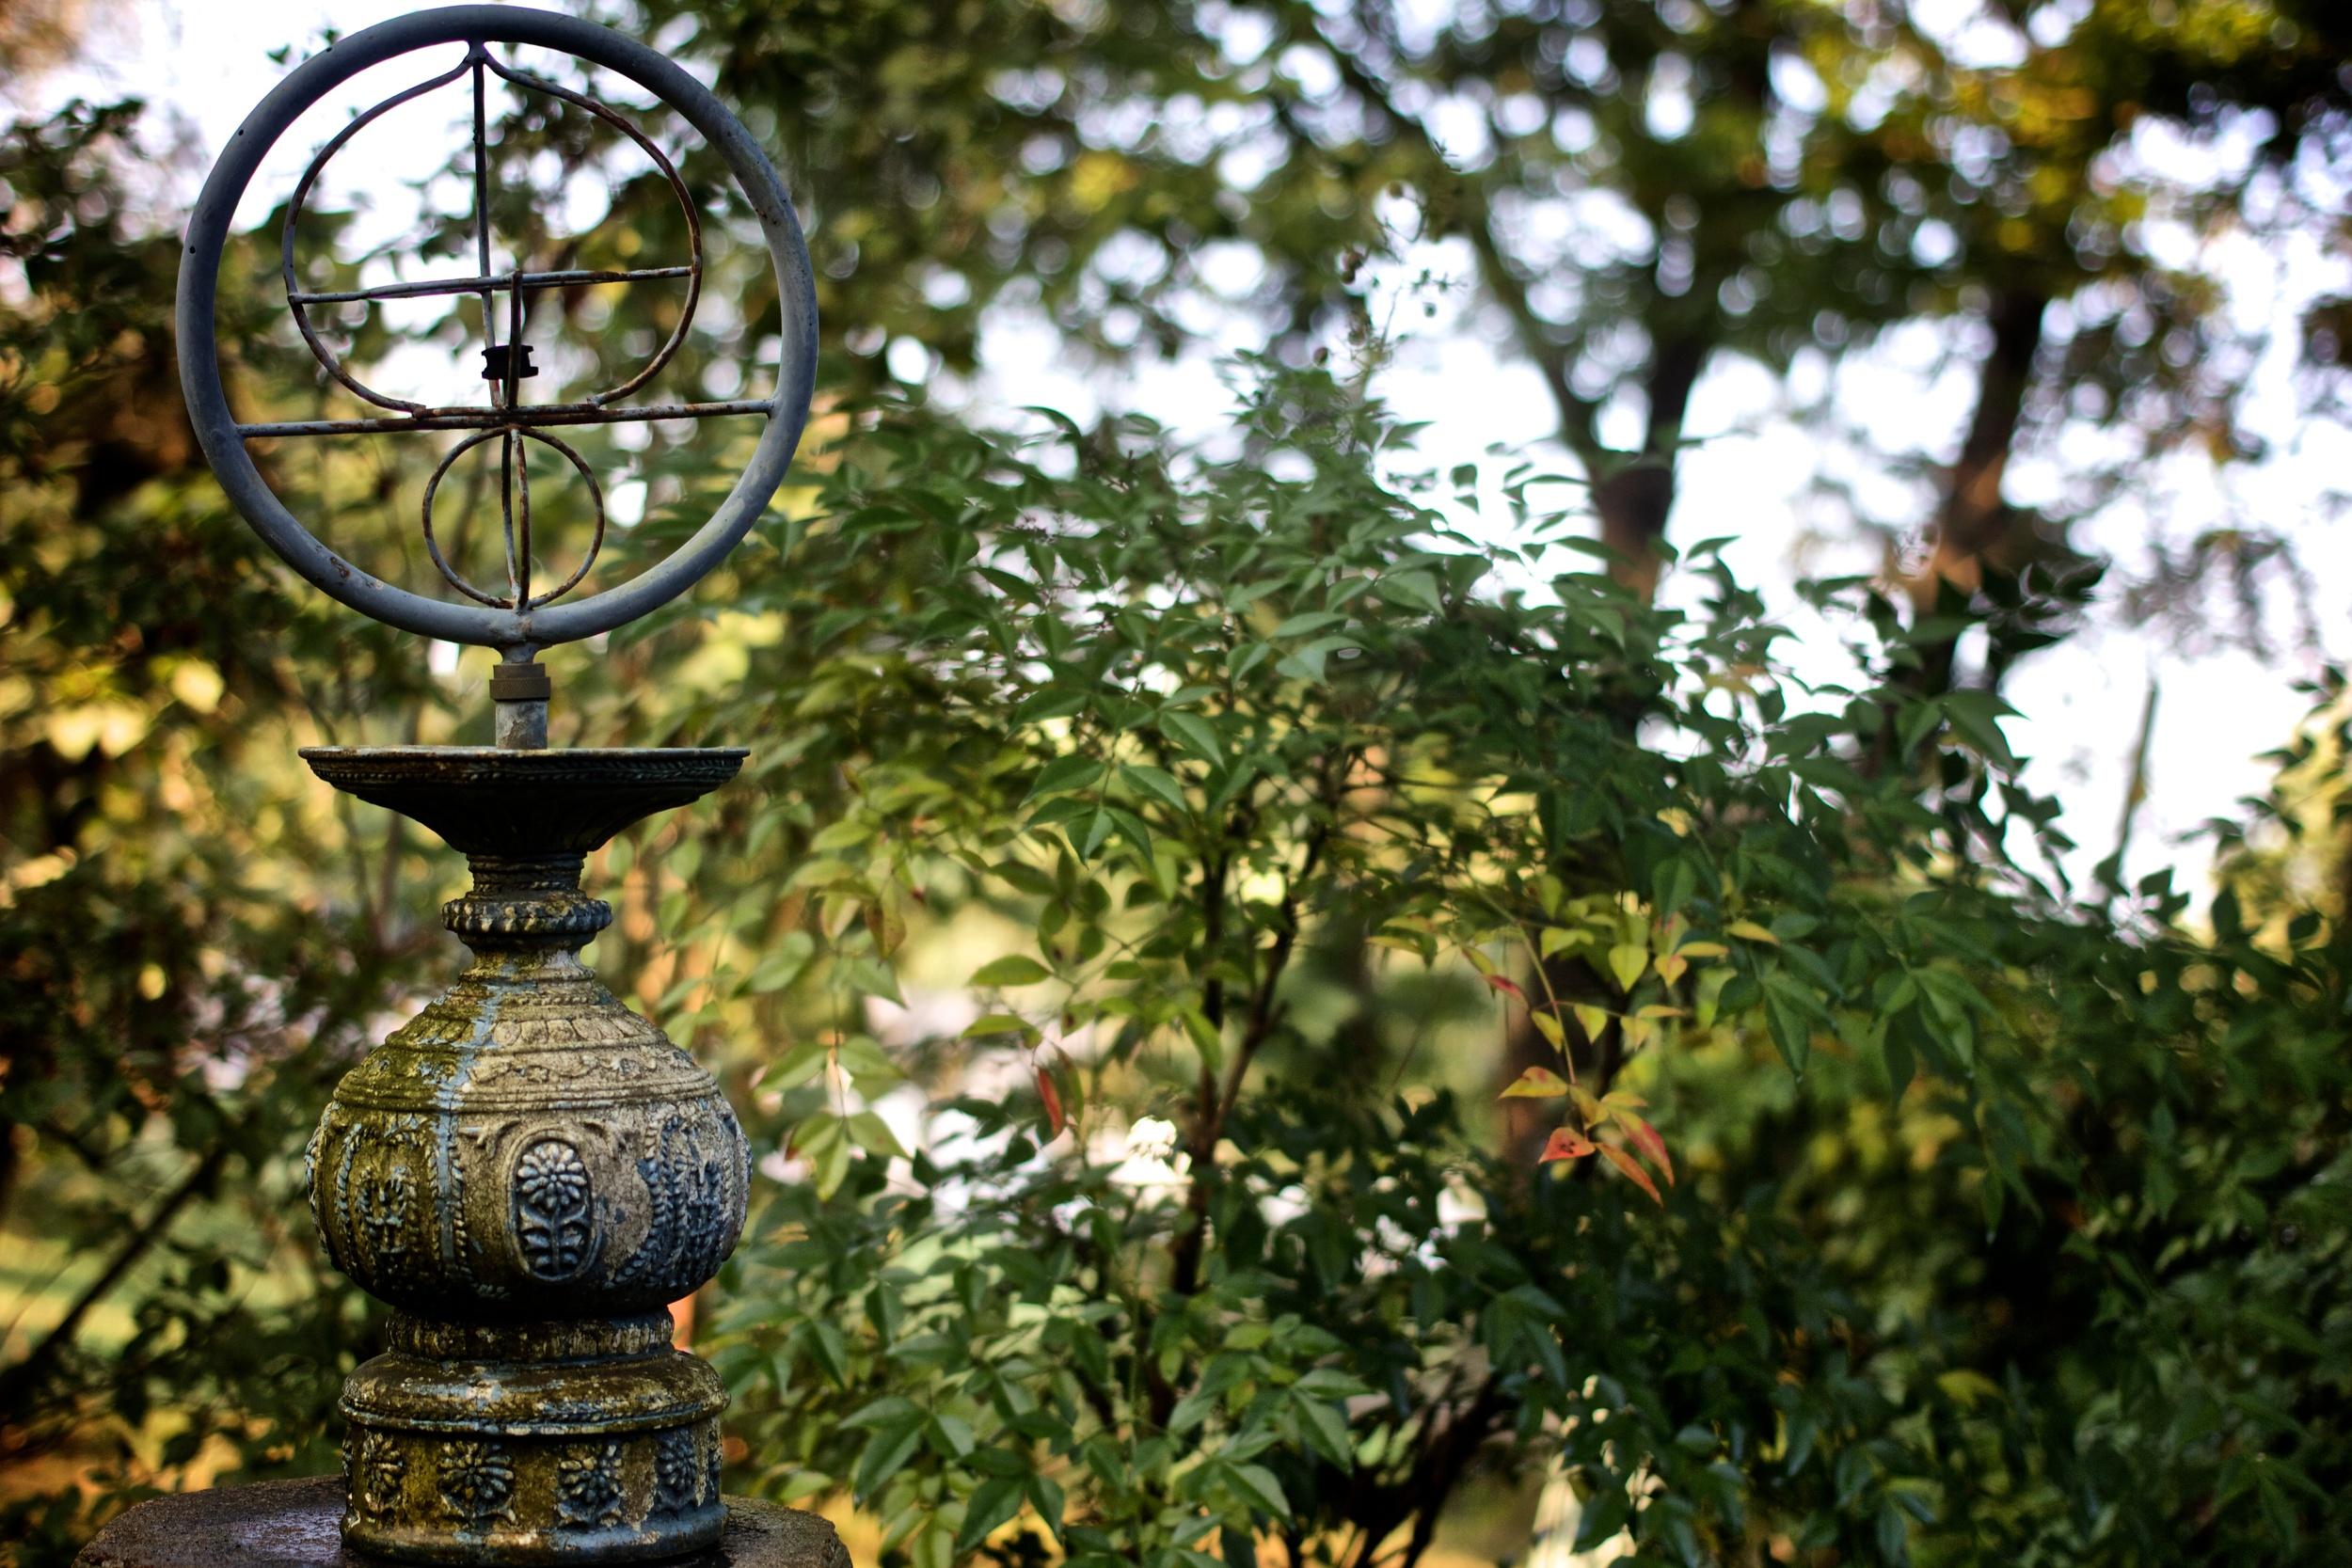 The Photography Garden